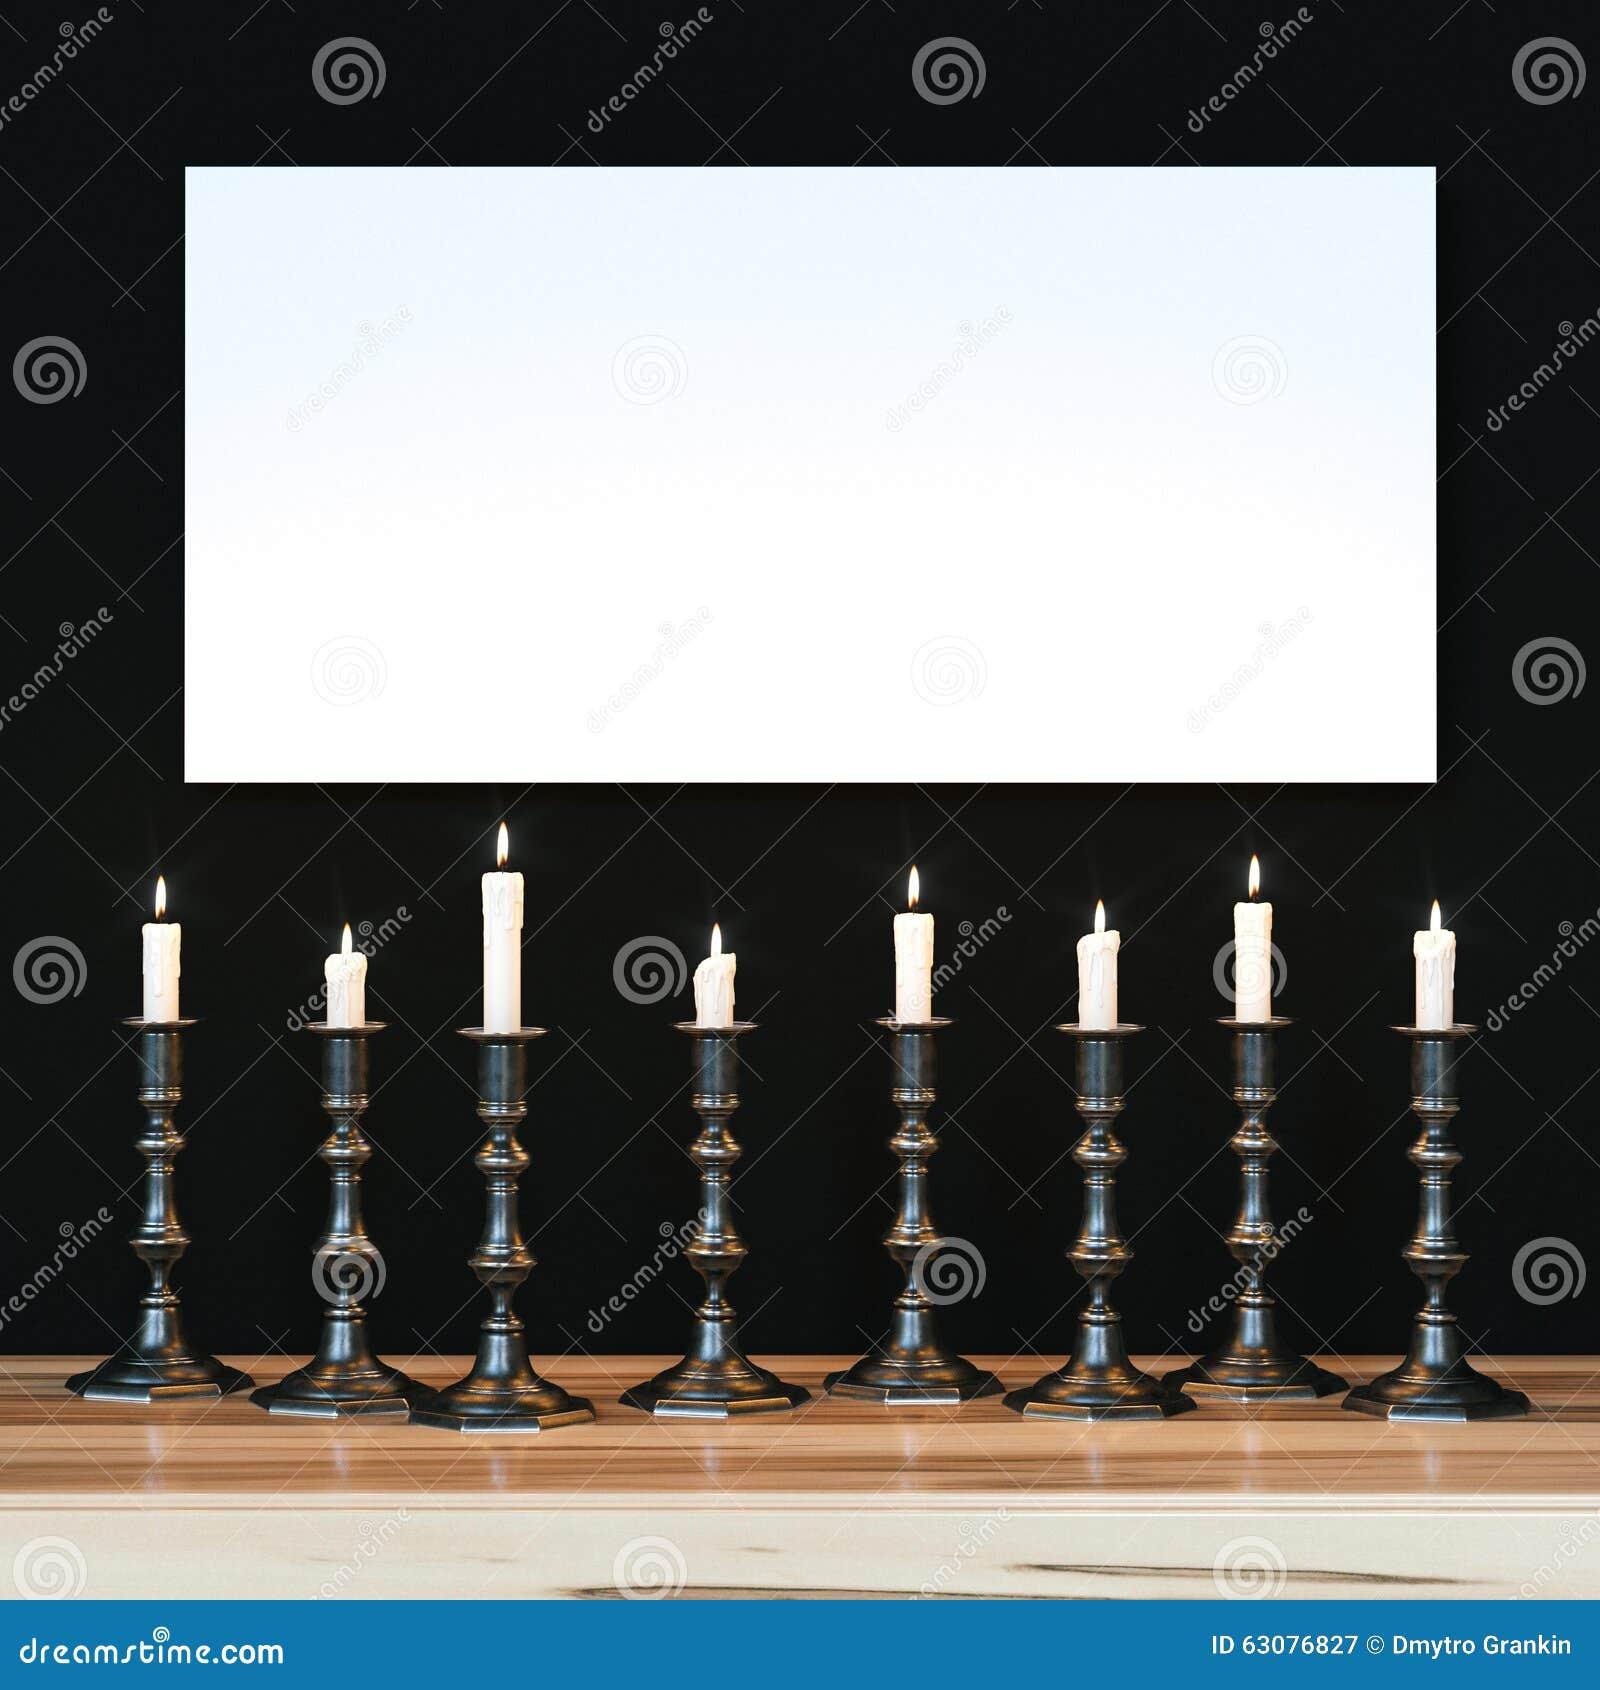 Download L'affiche Blanche Sur Le Mur Noir A Illuminé Un Grand Choix De Bougies Moc Illustration Stock - Illustration du foncé, blanc: 63076827